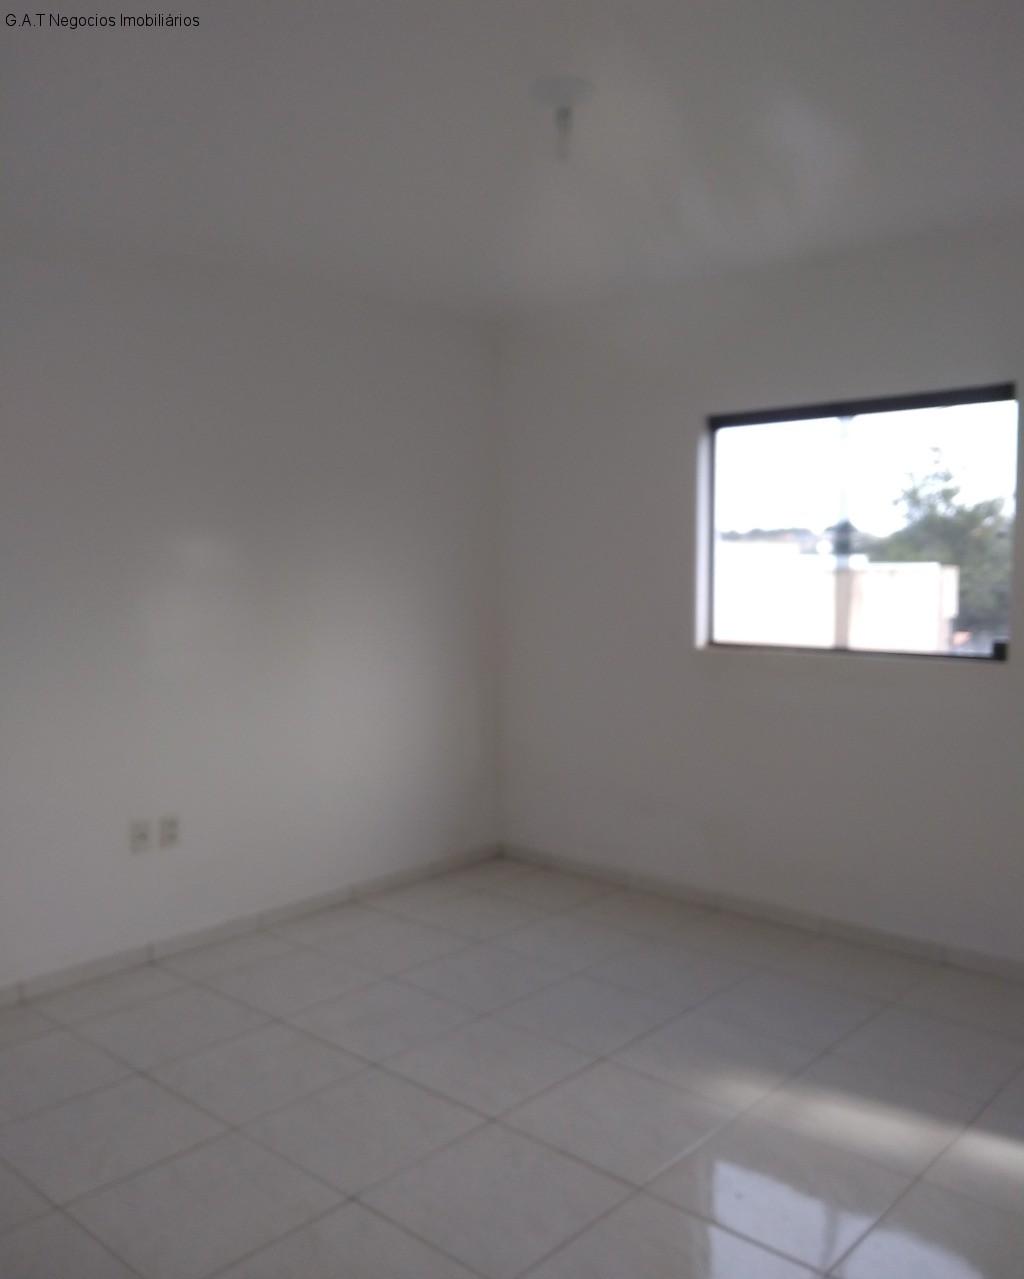 Apartamento com 1 Quarto,Jardim dos Eucaliptos, Sorocaba